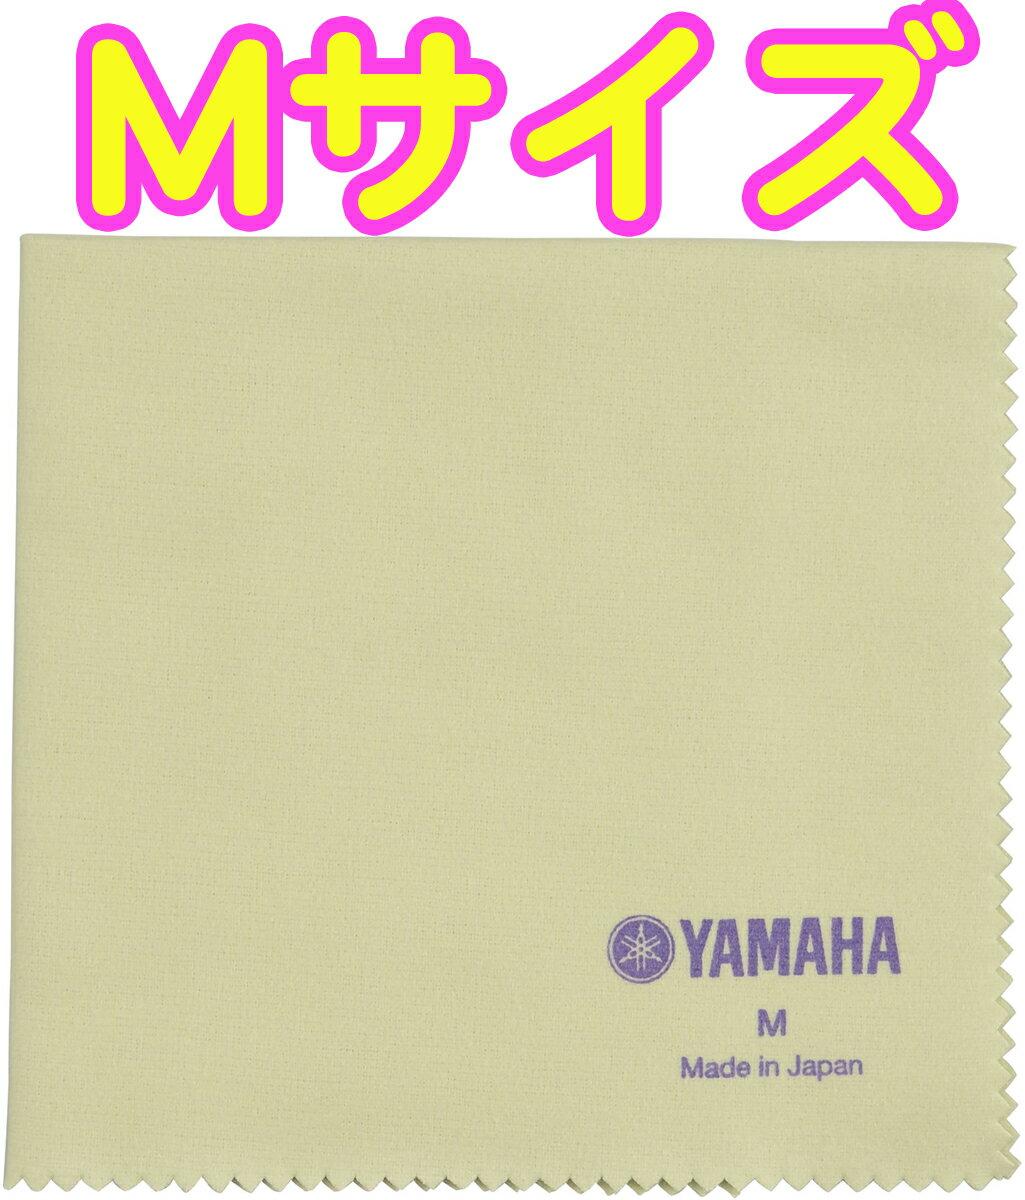 [ メール便 対応可 ] YAMAHA ( ヤマハ ) PCM3 ポリシングクロスM 290mm×310mm ネル素材 楽器 管楽器 艶出し お手入れ メンテナンス クロス サイズM polishing cloth M